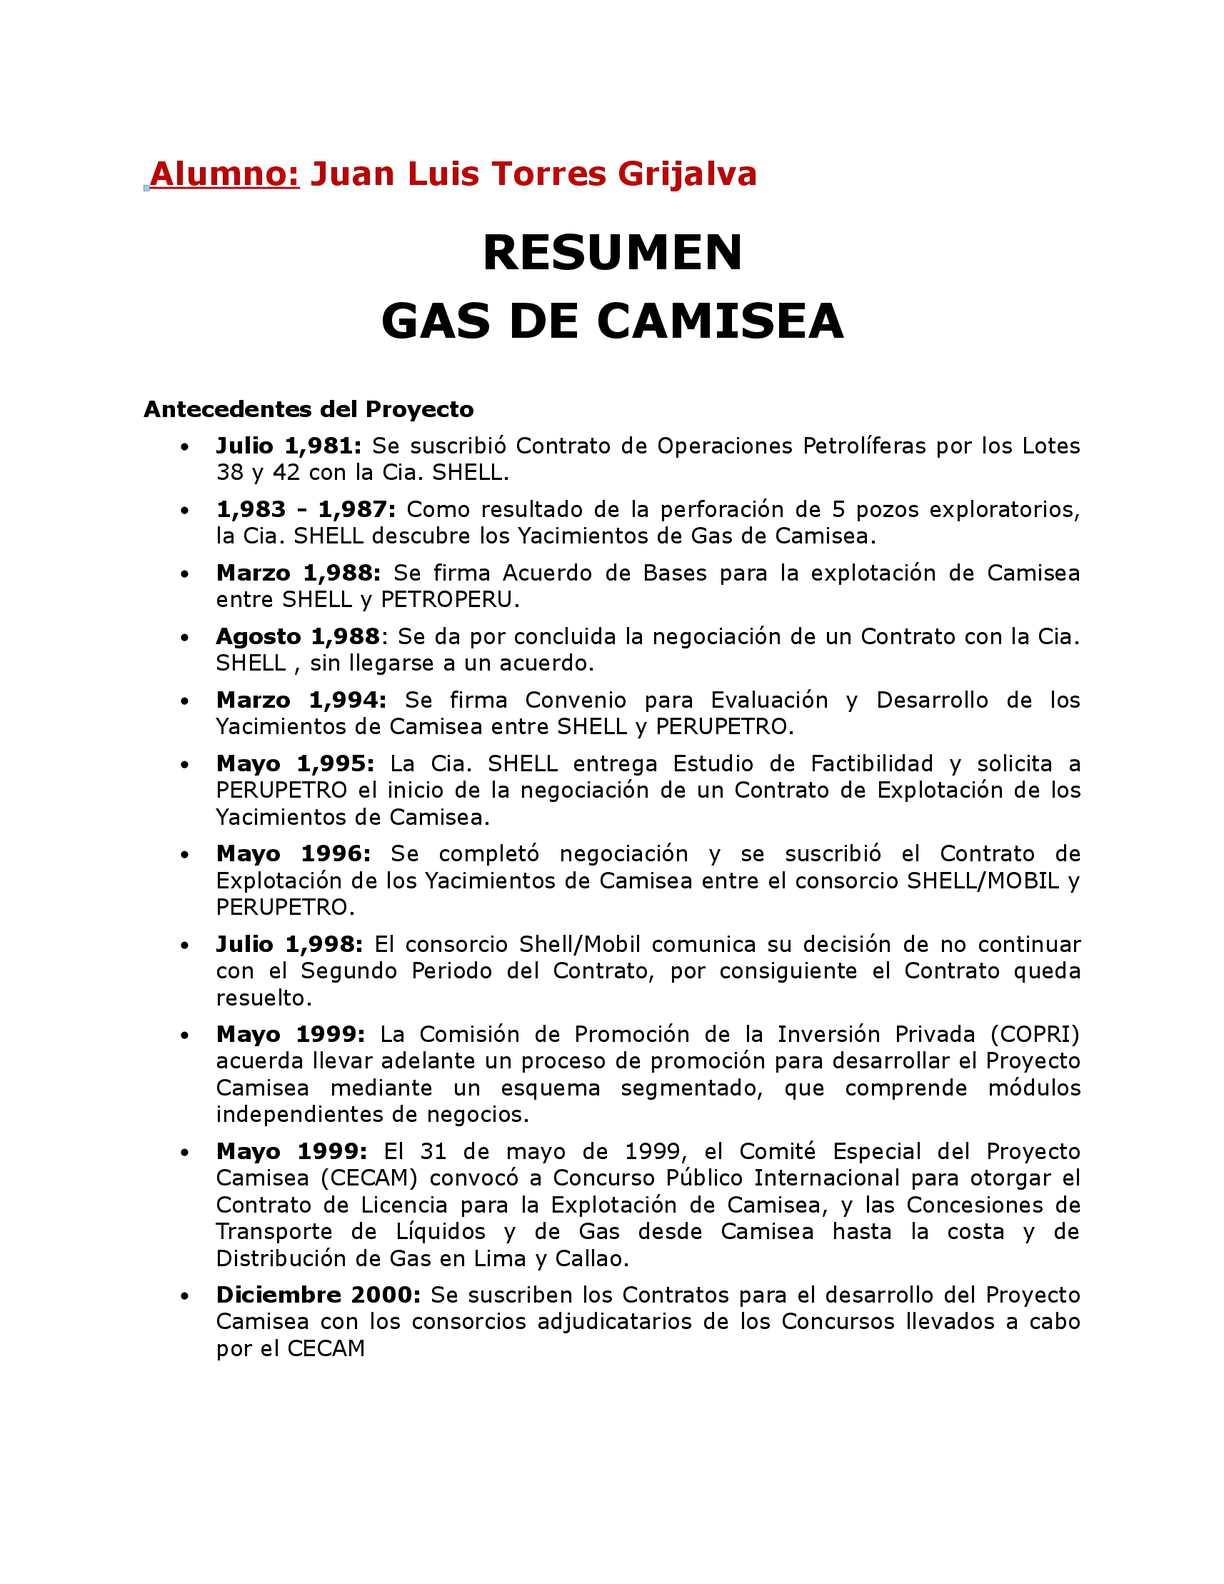 Resumen del Proyecto de Gas de Camisea